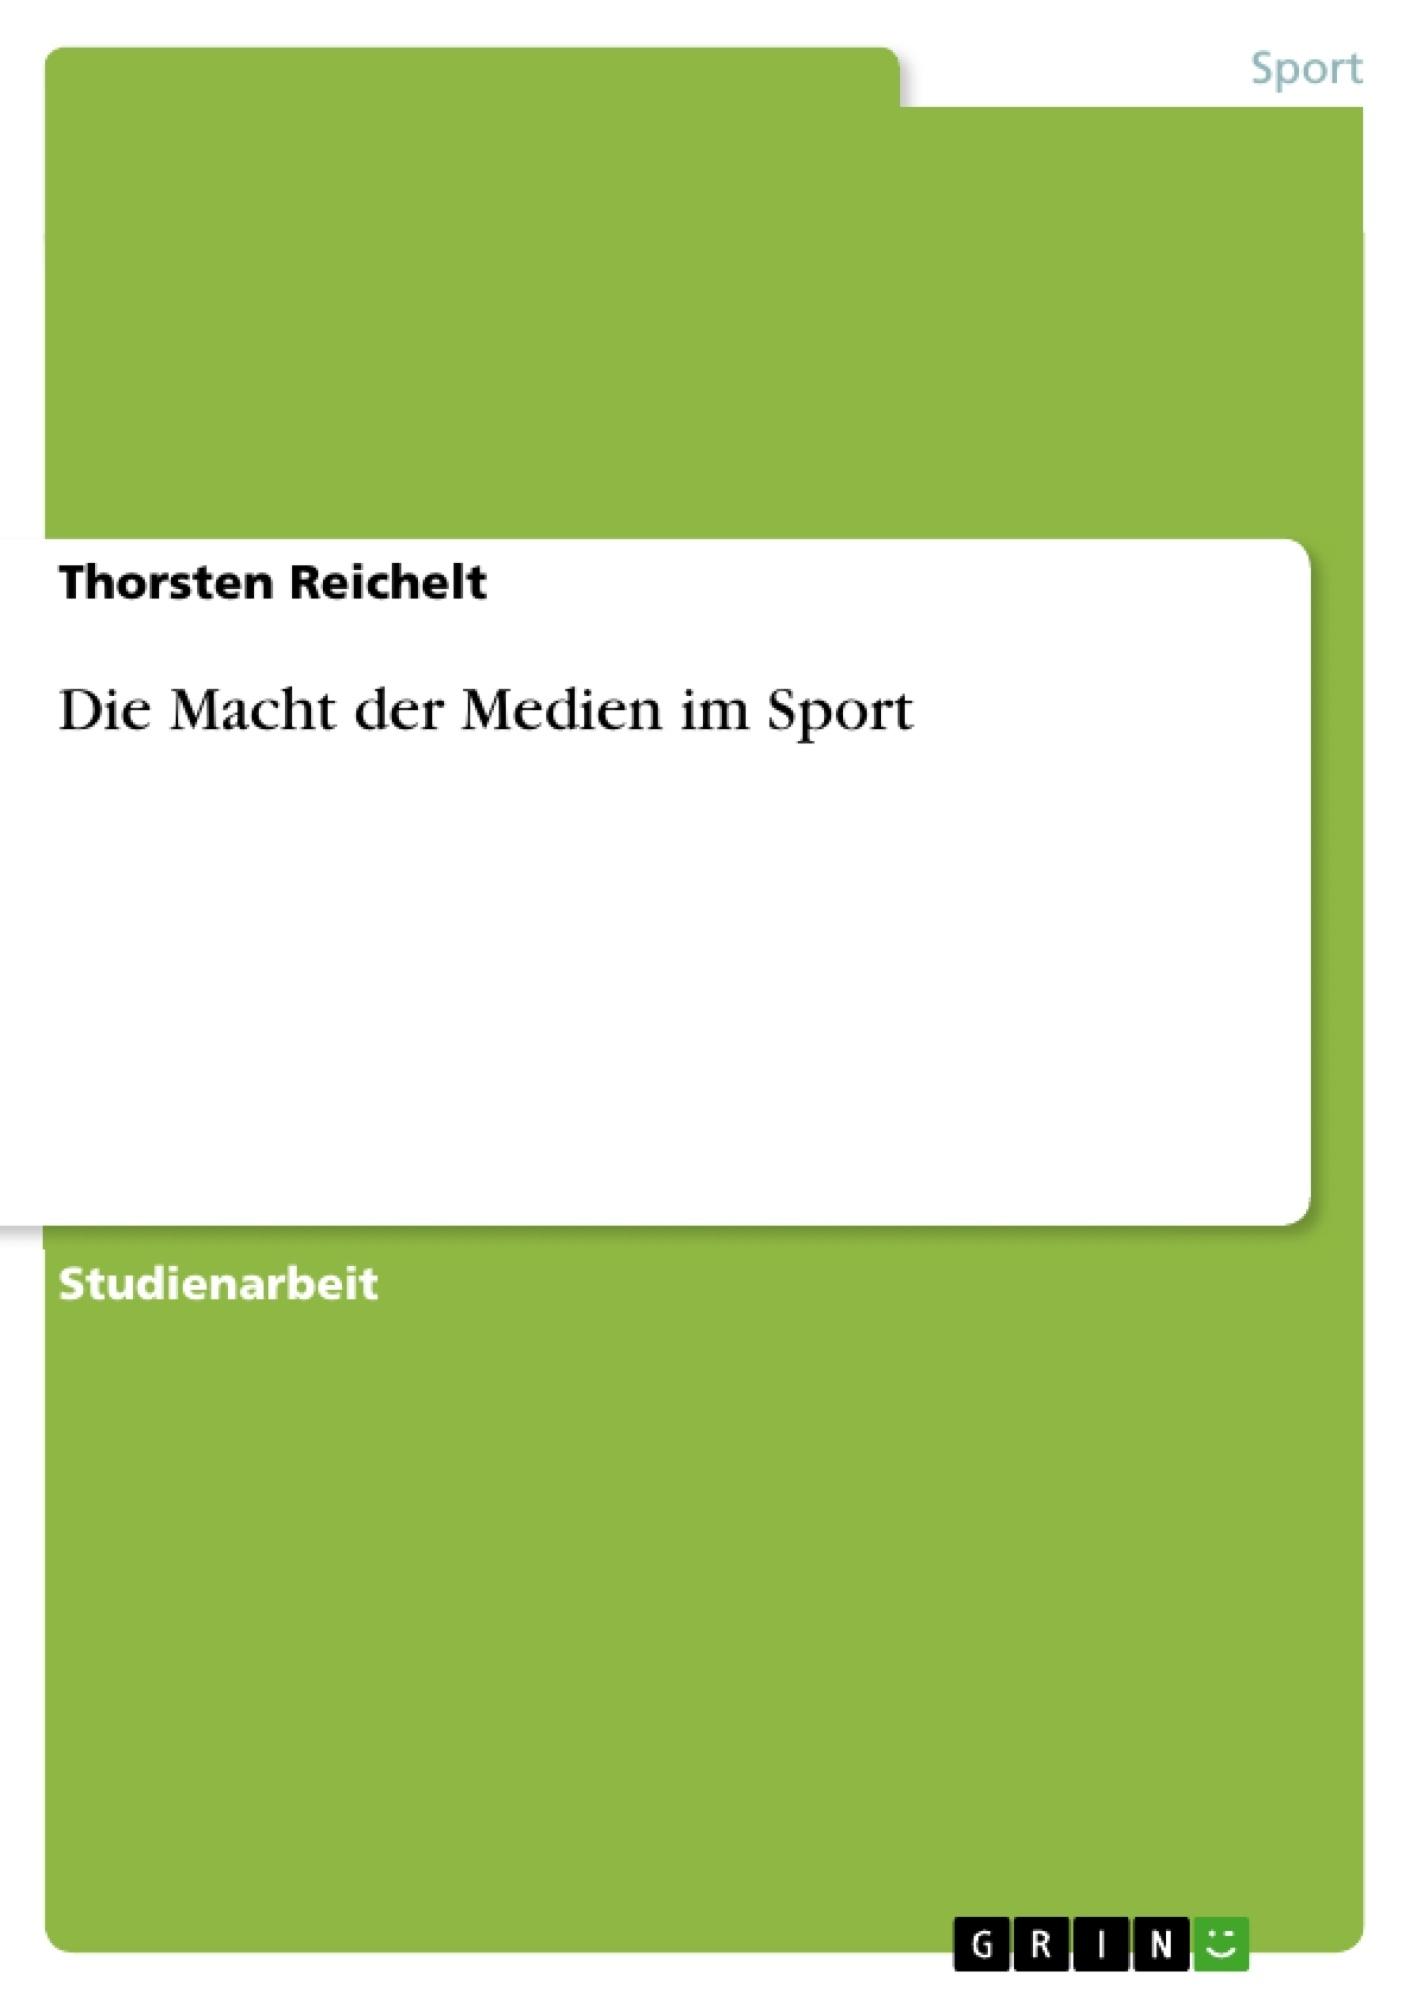 Titel: Die Macht der Medien im Sport